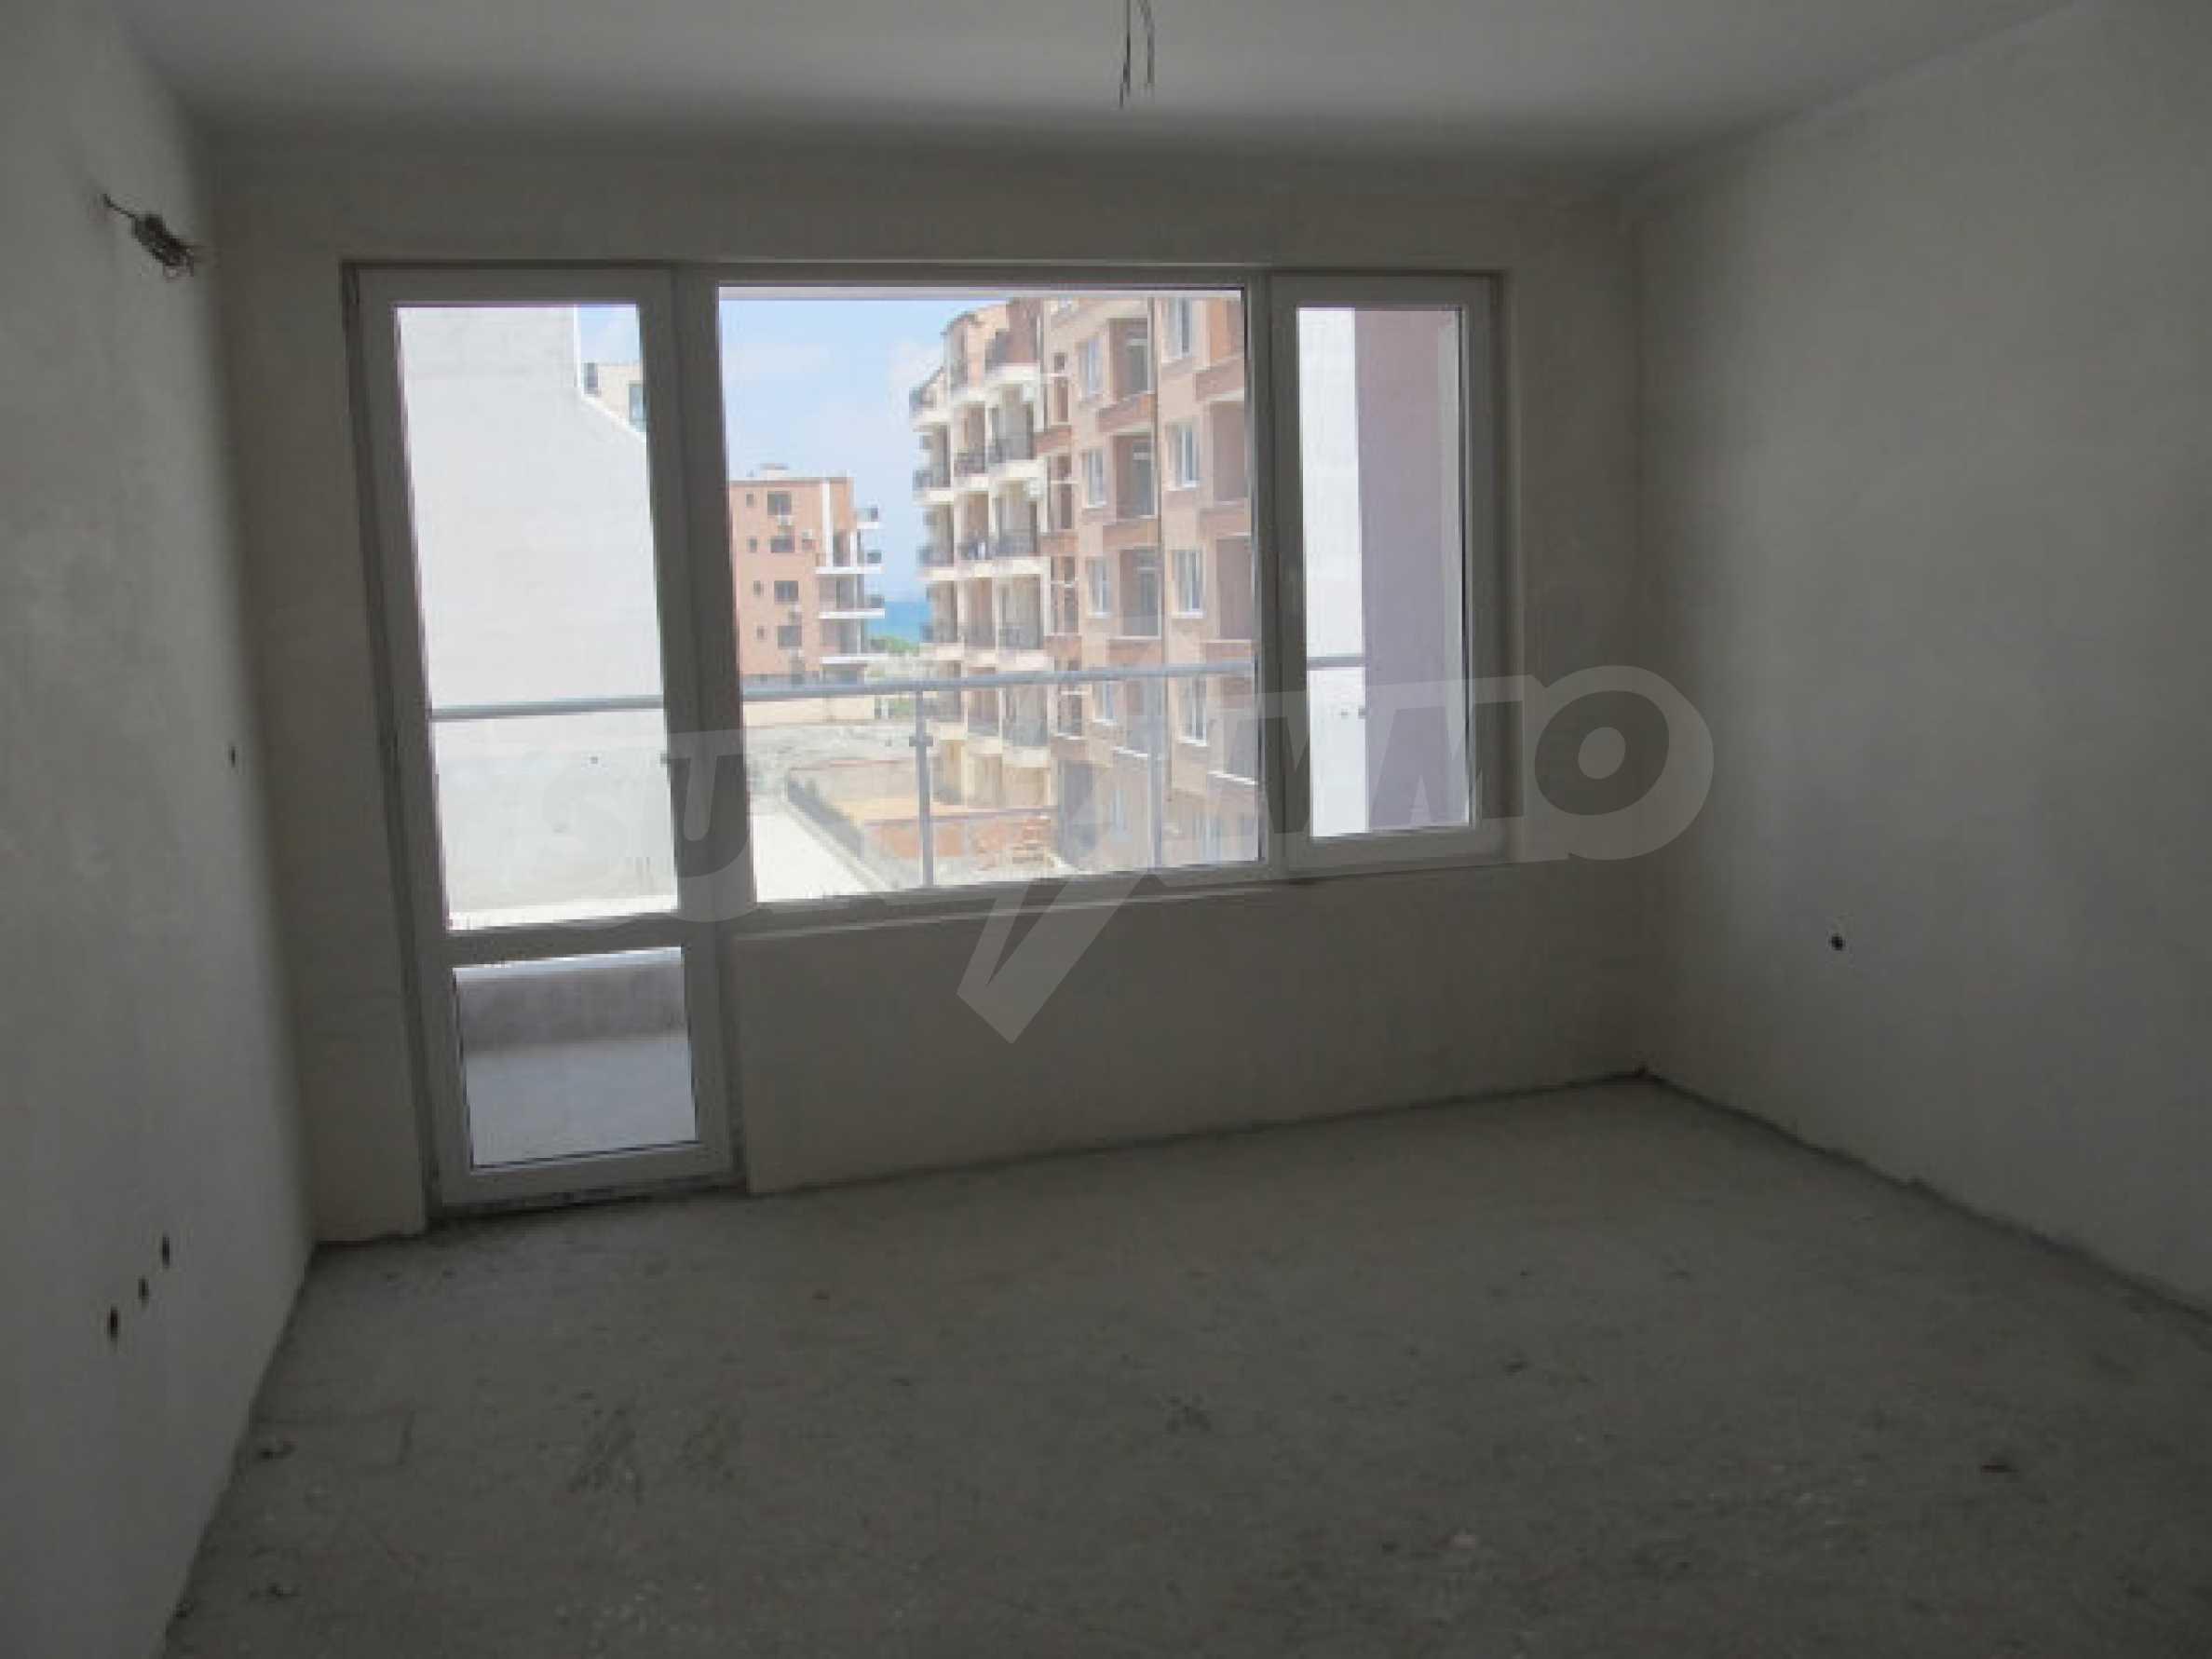 Wohnungen zum Verkauf in Pomorie 12